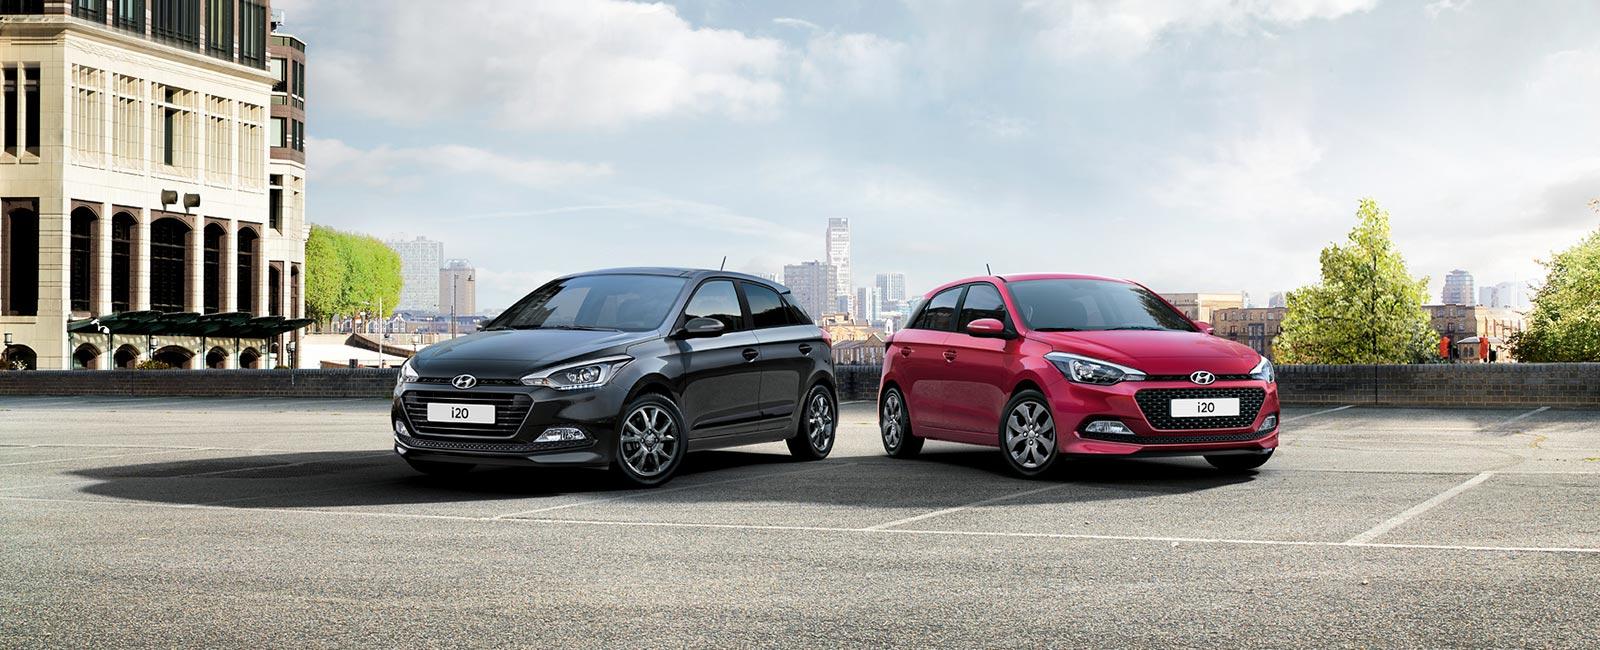 Hyundai i20 rød og grå